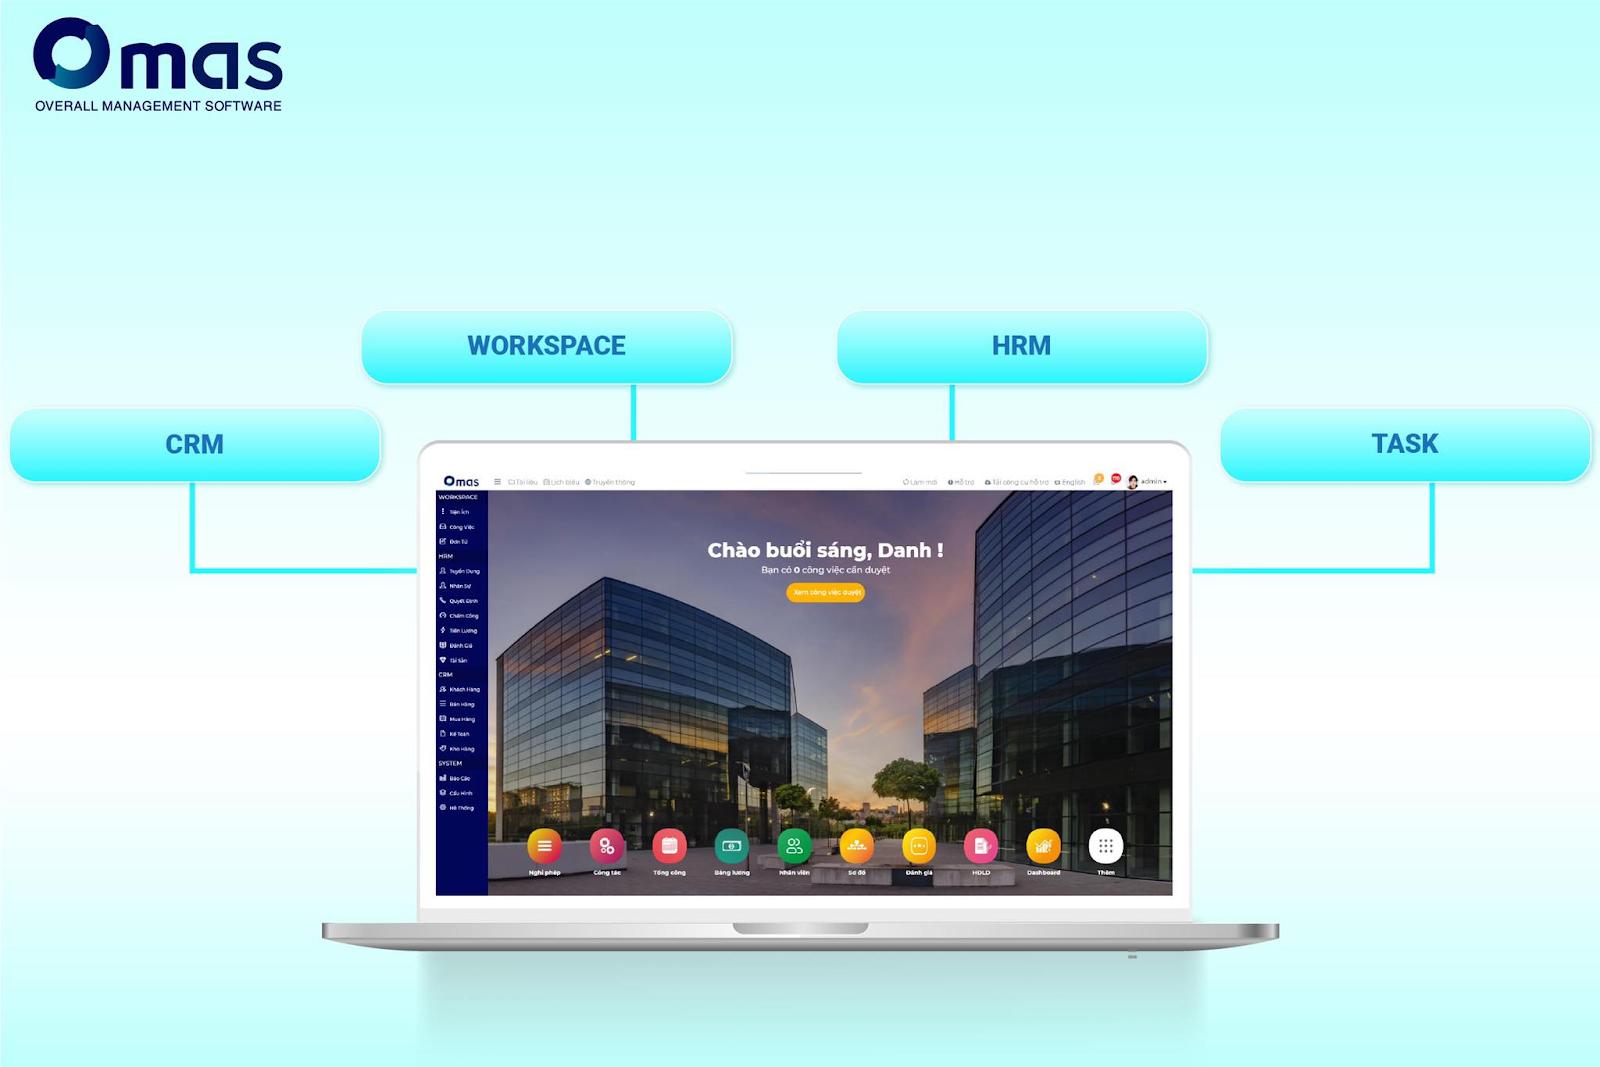 4 phân hệ chính trong nền tảng quản lý Omas